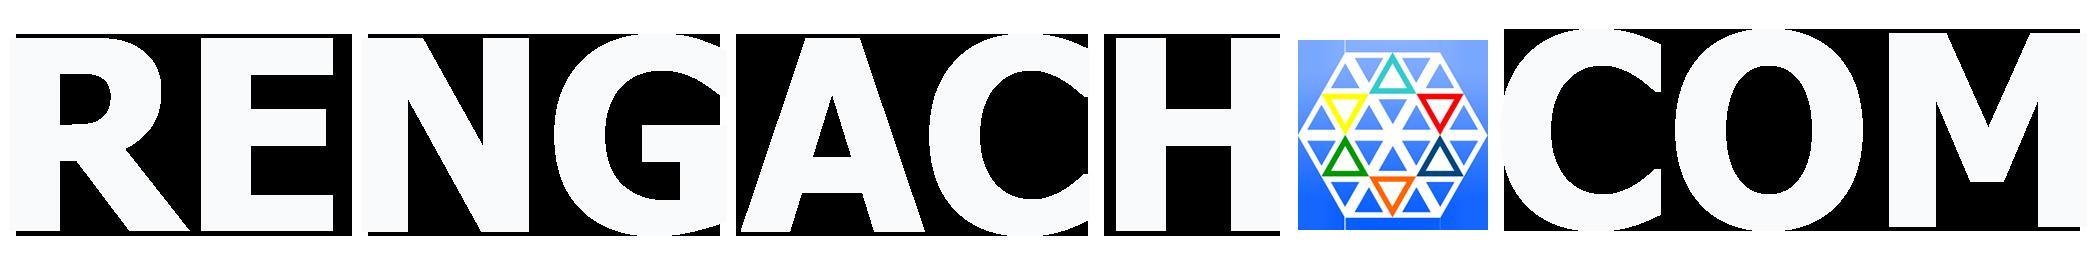 Персональнай сайт Влада Ренгача | Семейный психолог, нейропсихолог, психотерапевт Logo